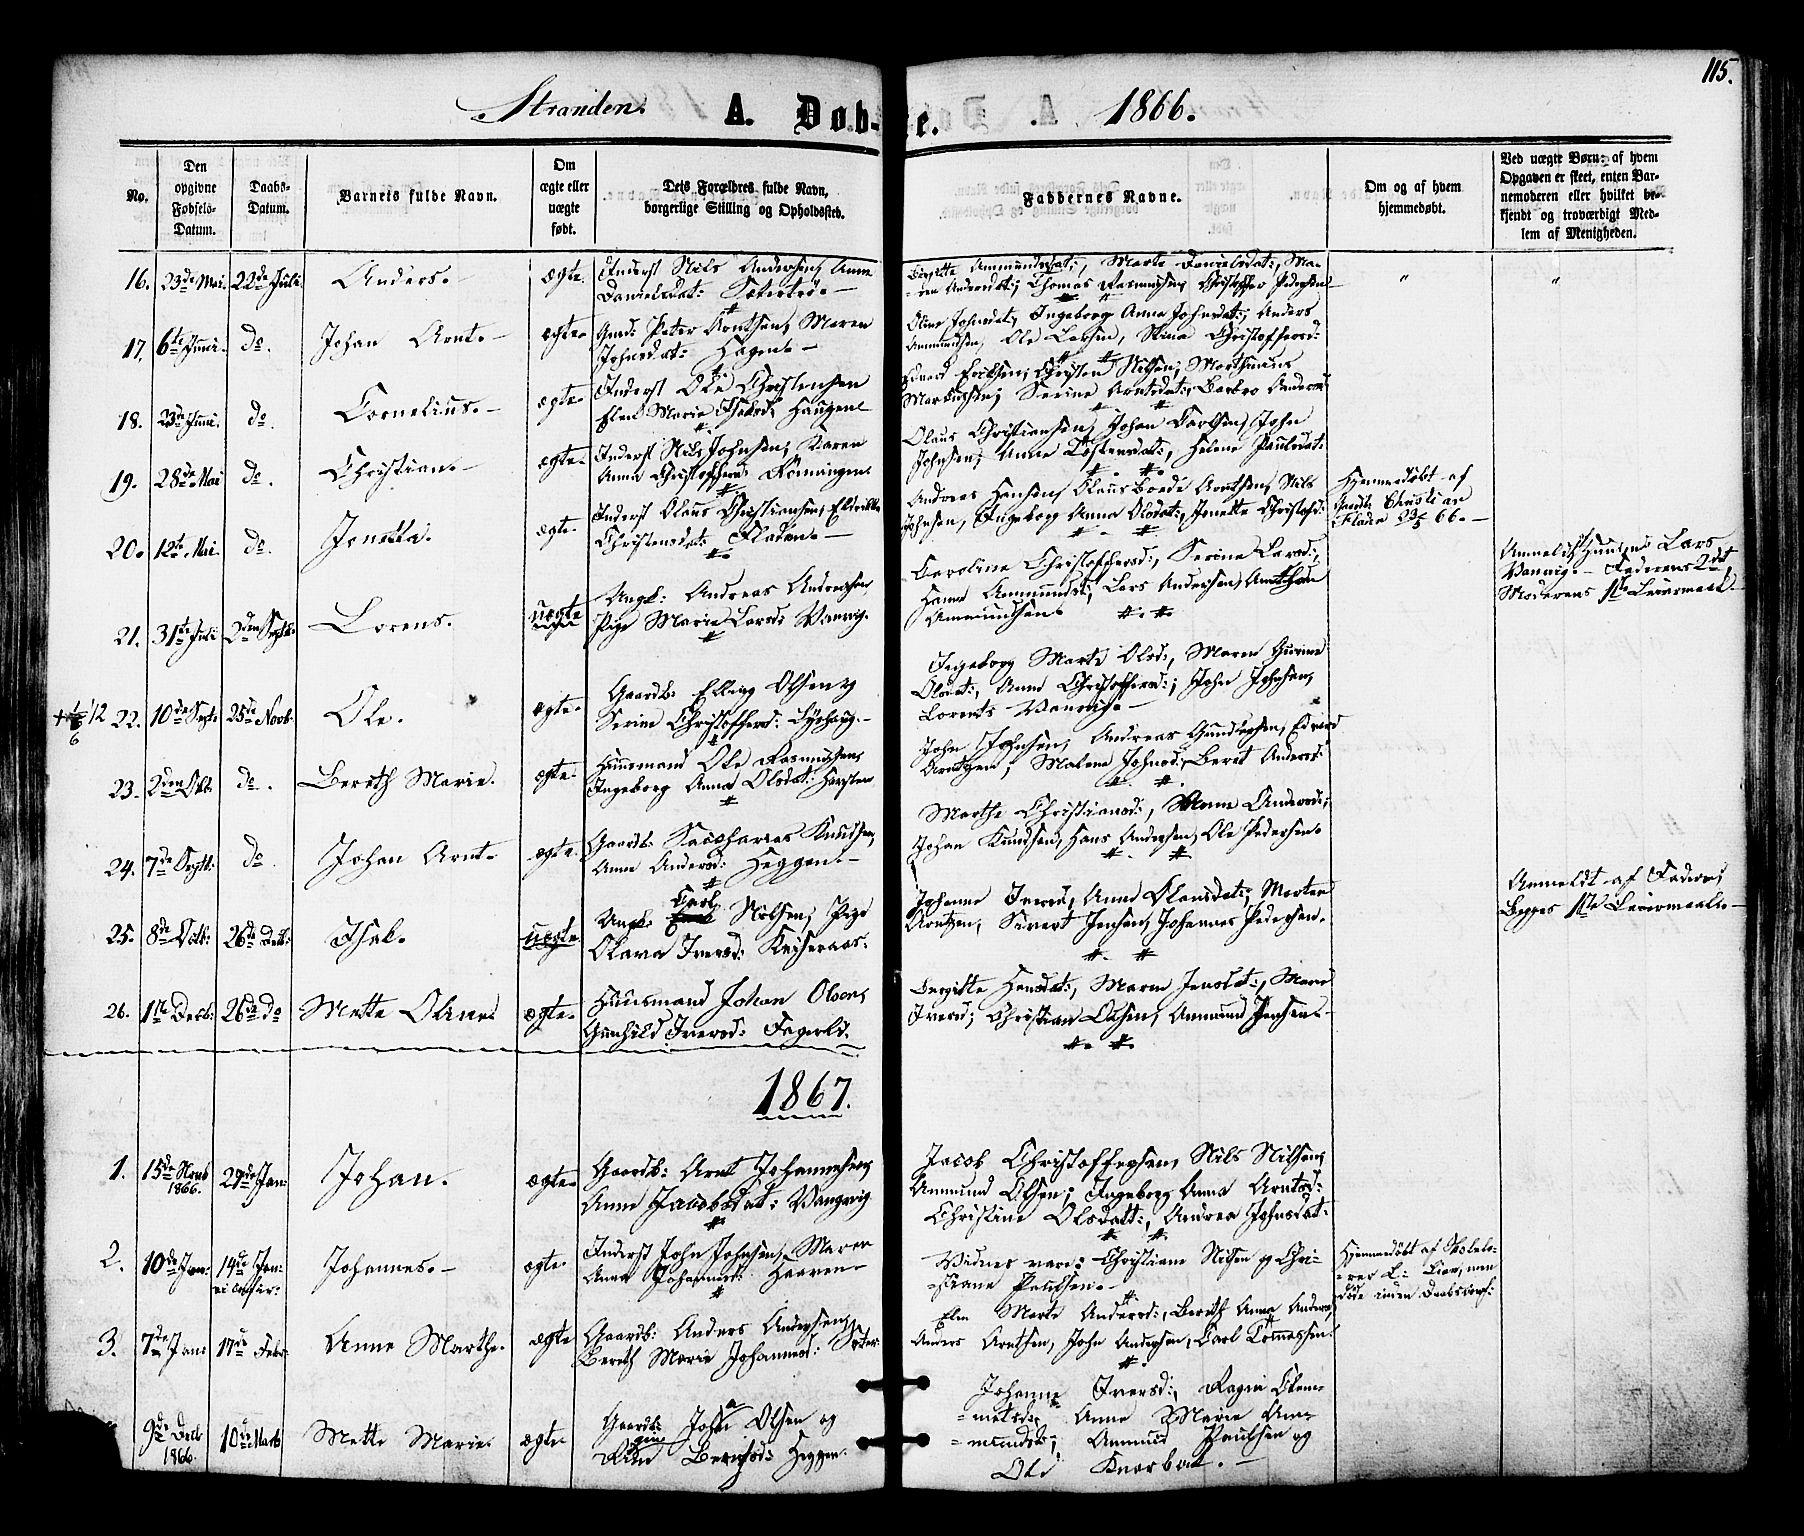 SAT, Ministerialprotokoller, klokkerbøker og fødselsregistre - Nord-Trøndelag, 701/L0009: Ministerialbok nr. 701A09 /2, 1864-1882, s. 115